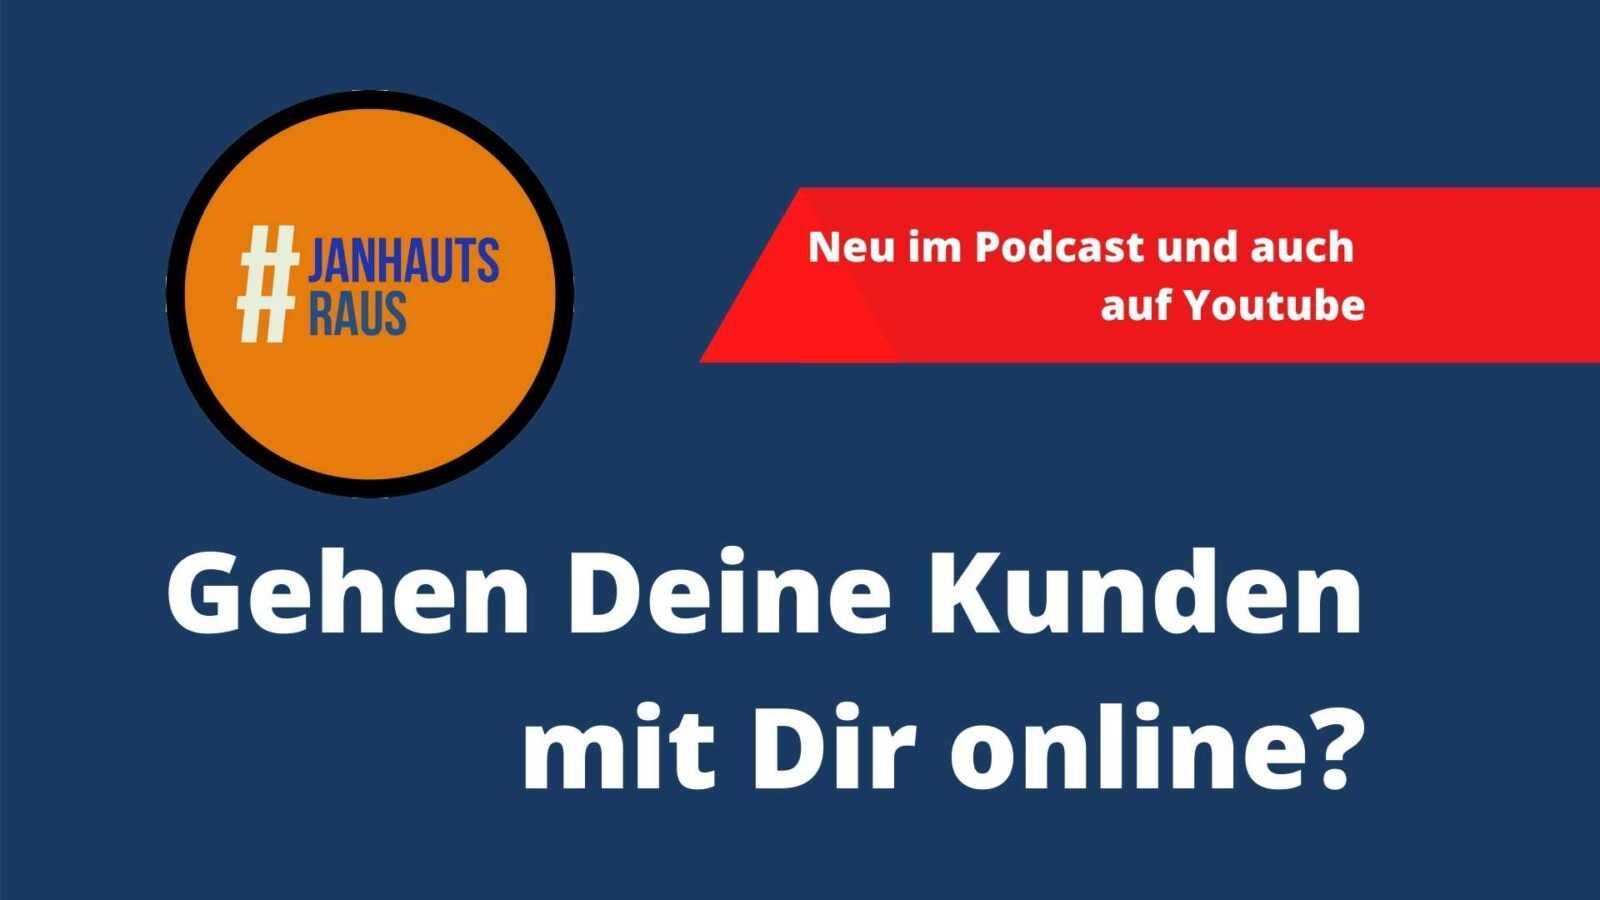 Gehen Deine Kunden mit Dir online? #janhautsraus